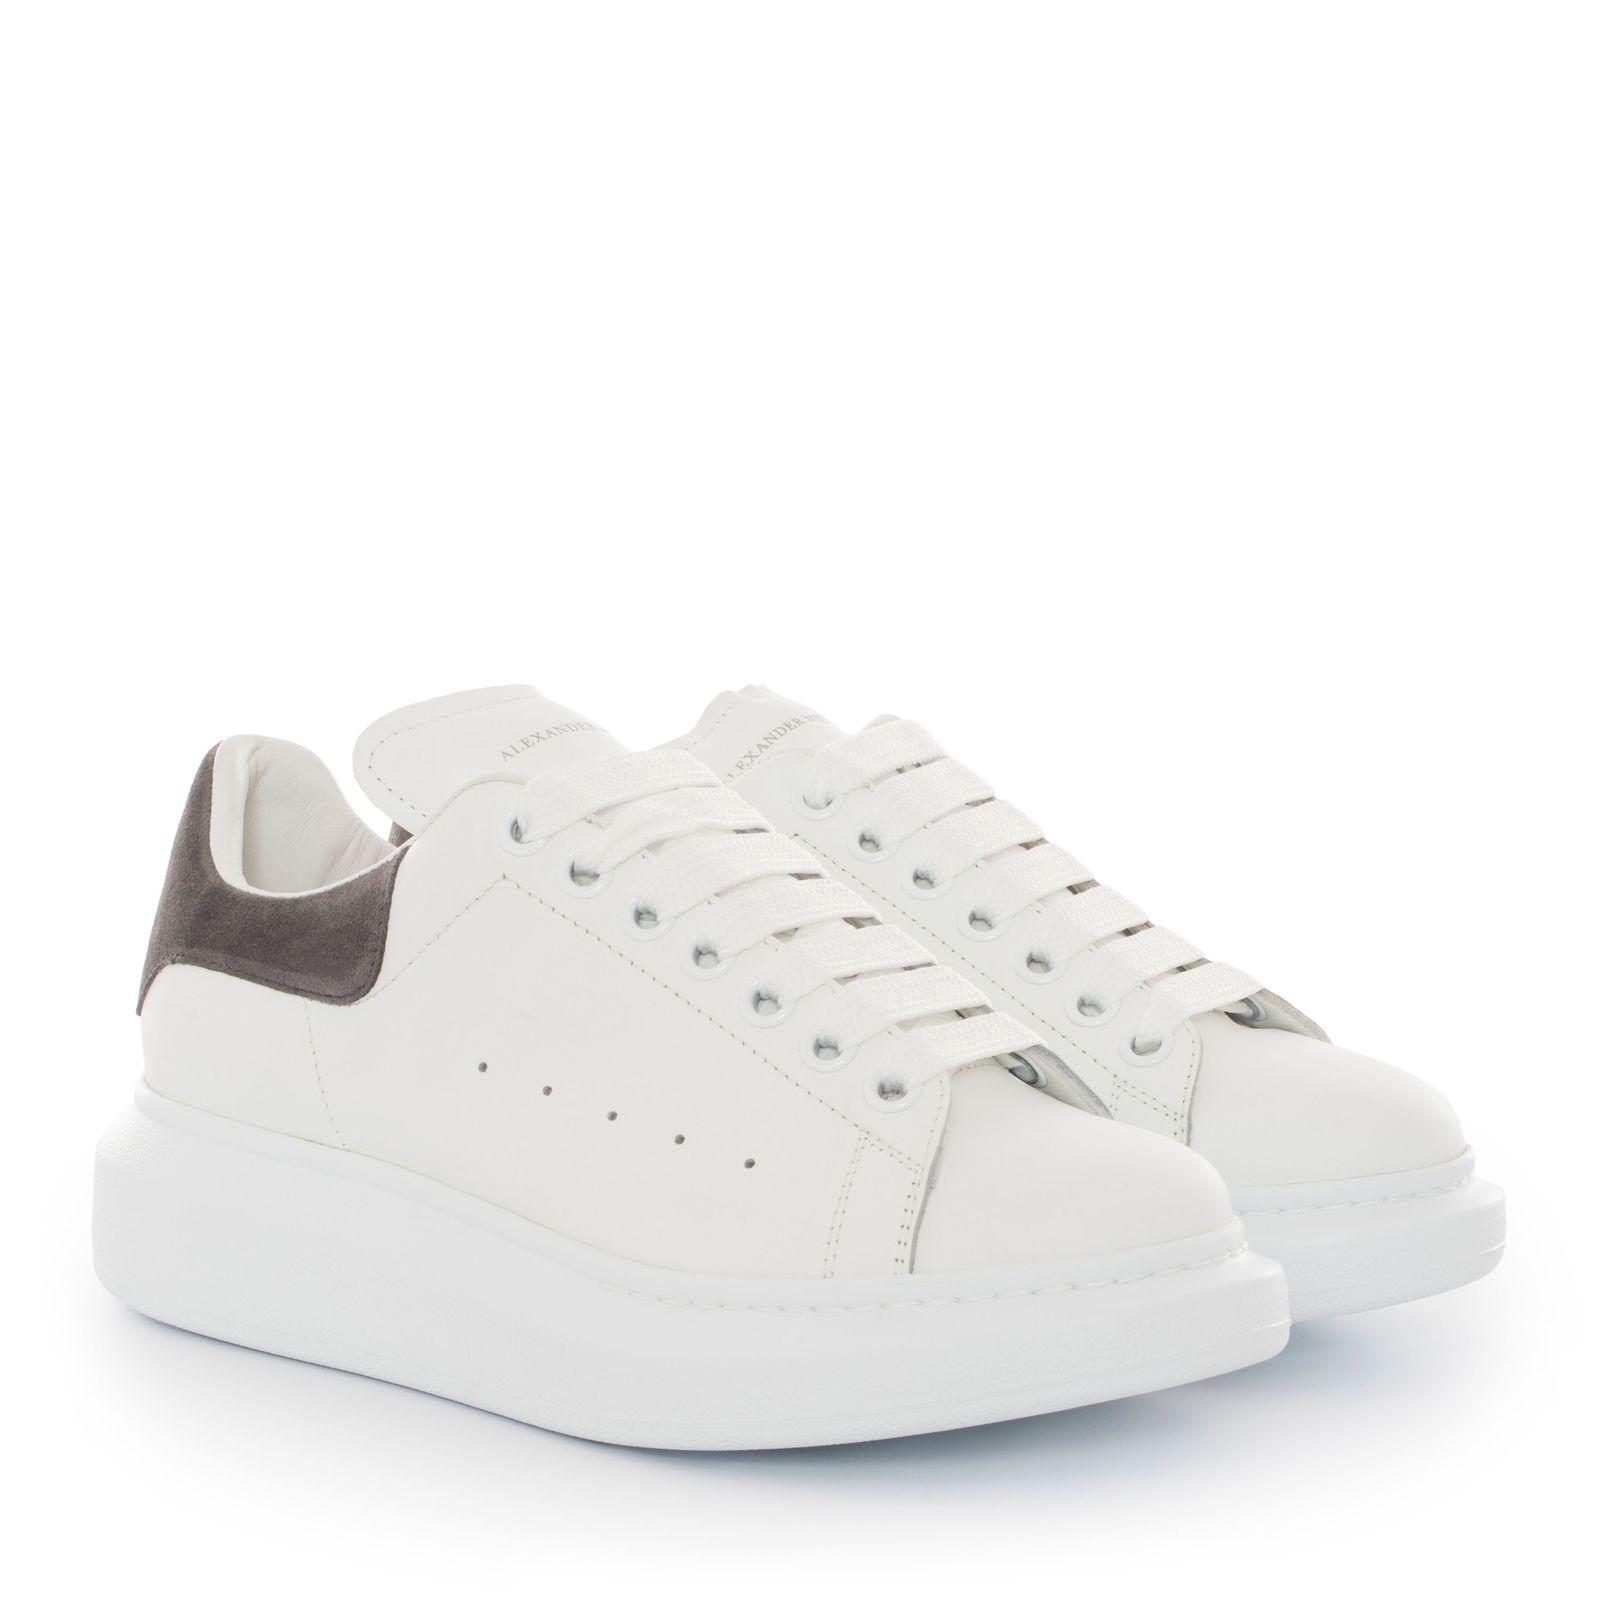 a09c18fc Sneakersy ALEXANDER MCQUEEN – Kup Teraz! Najlepsze ceny i opinie! Sklep  Moliera2.com